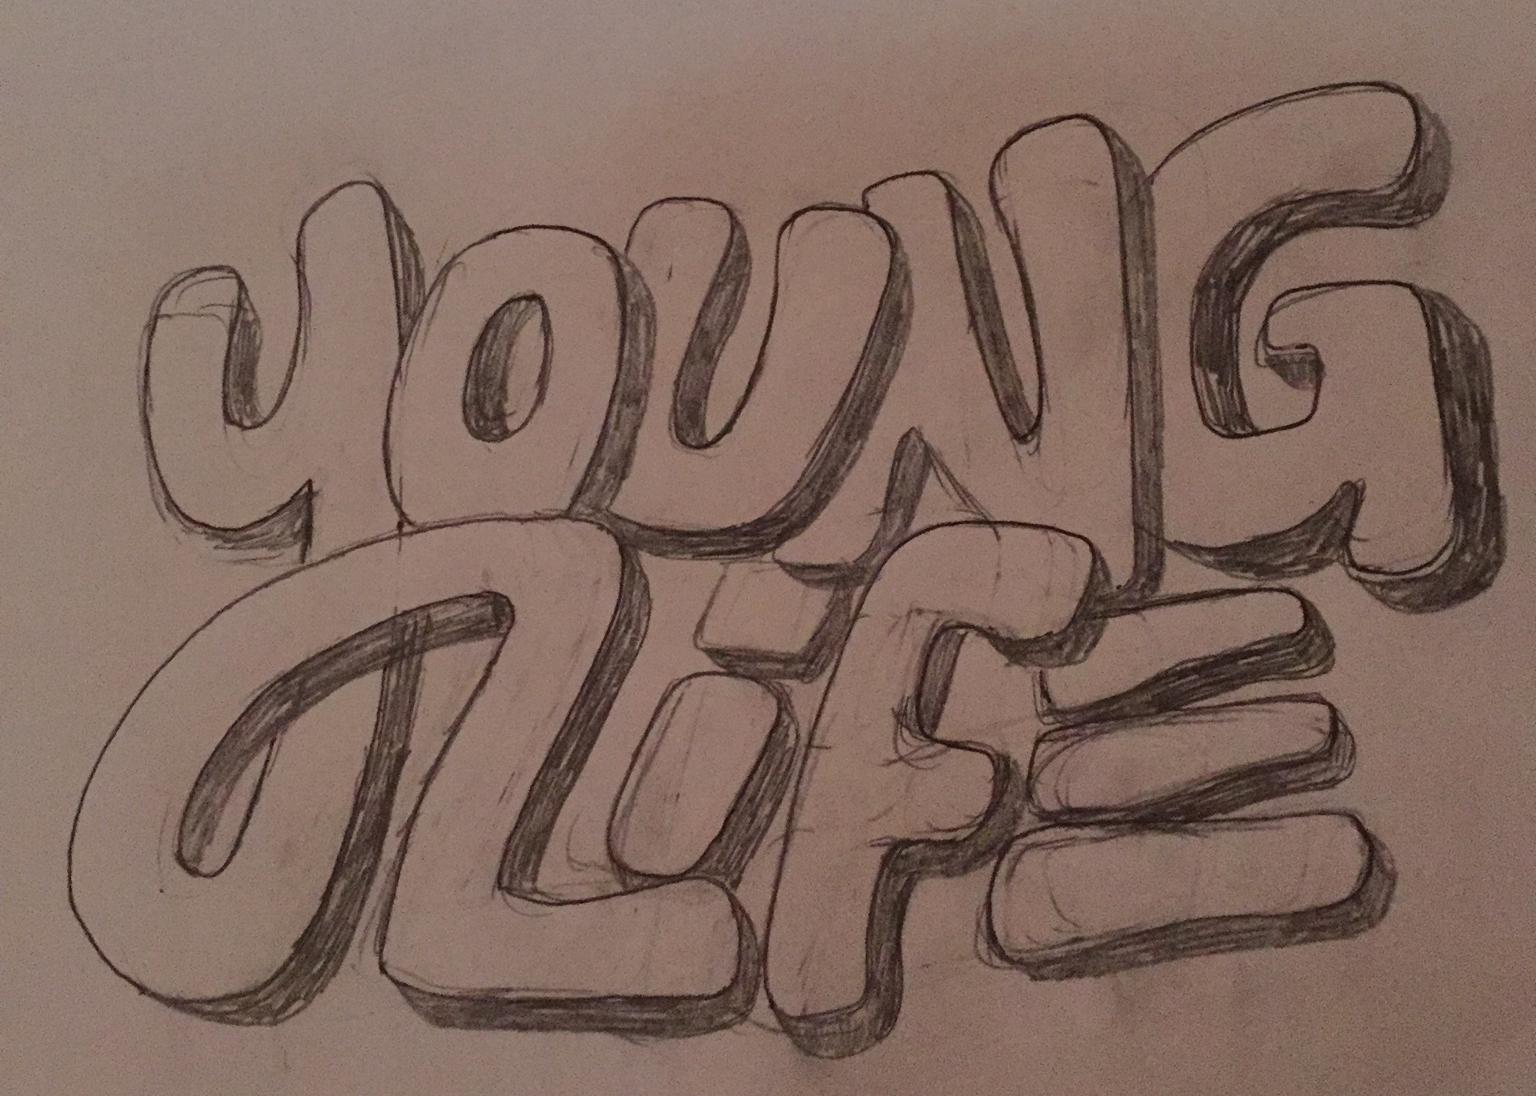 yl sticker sketch.jpg